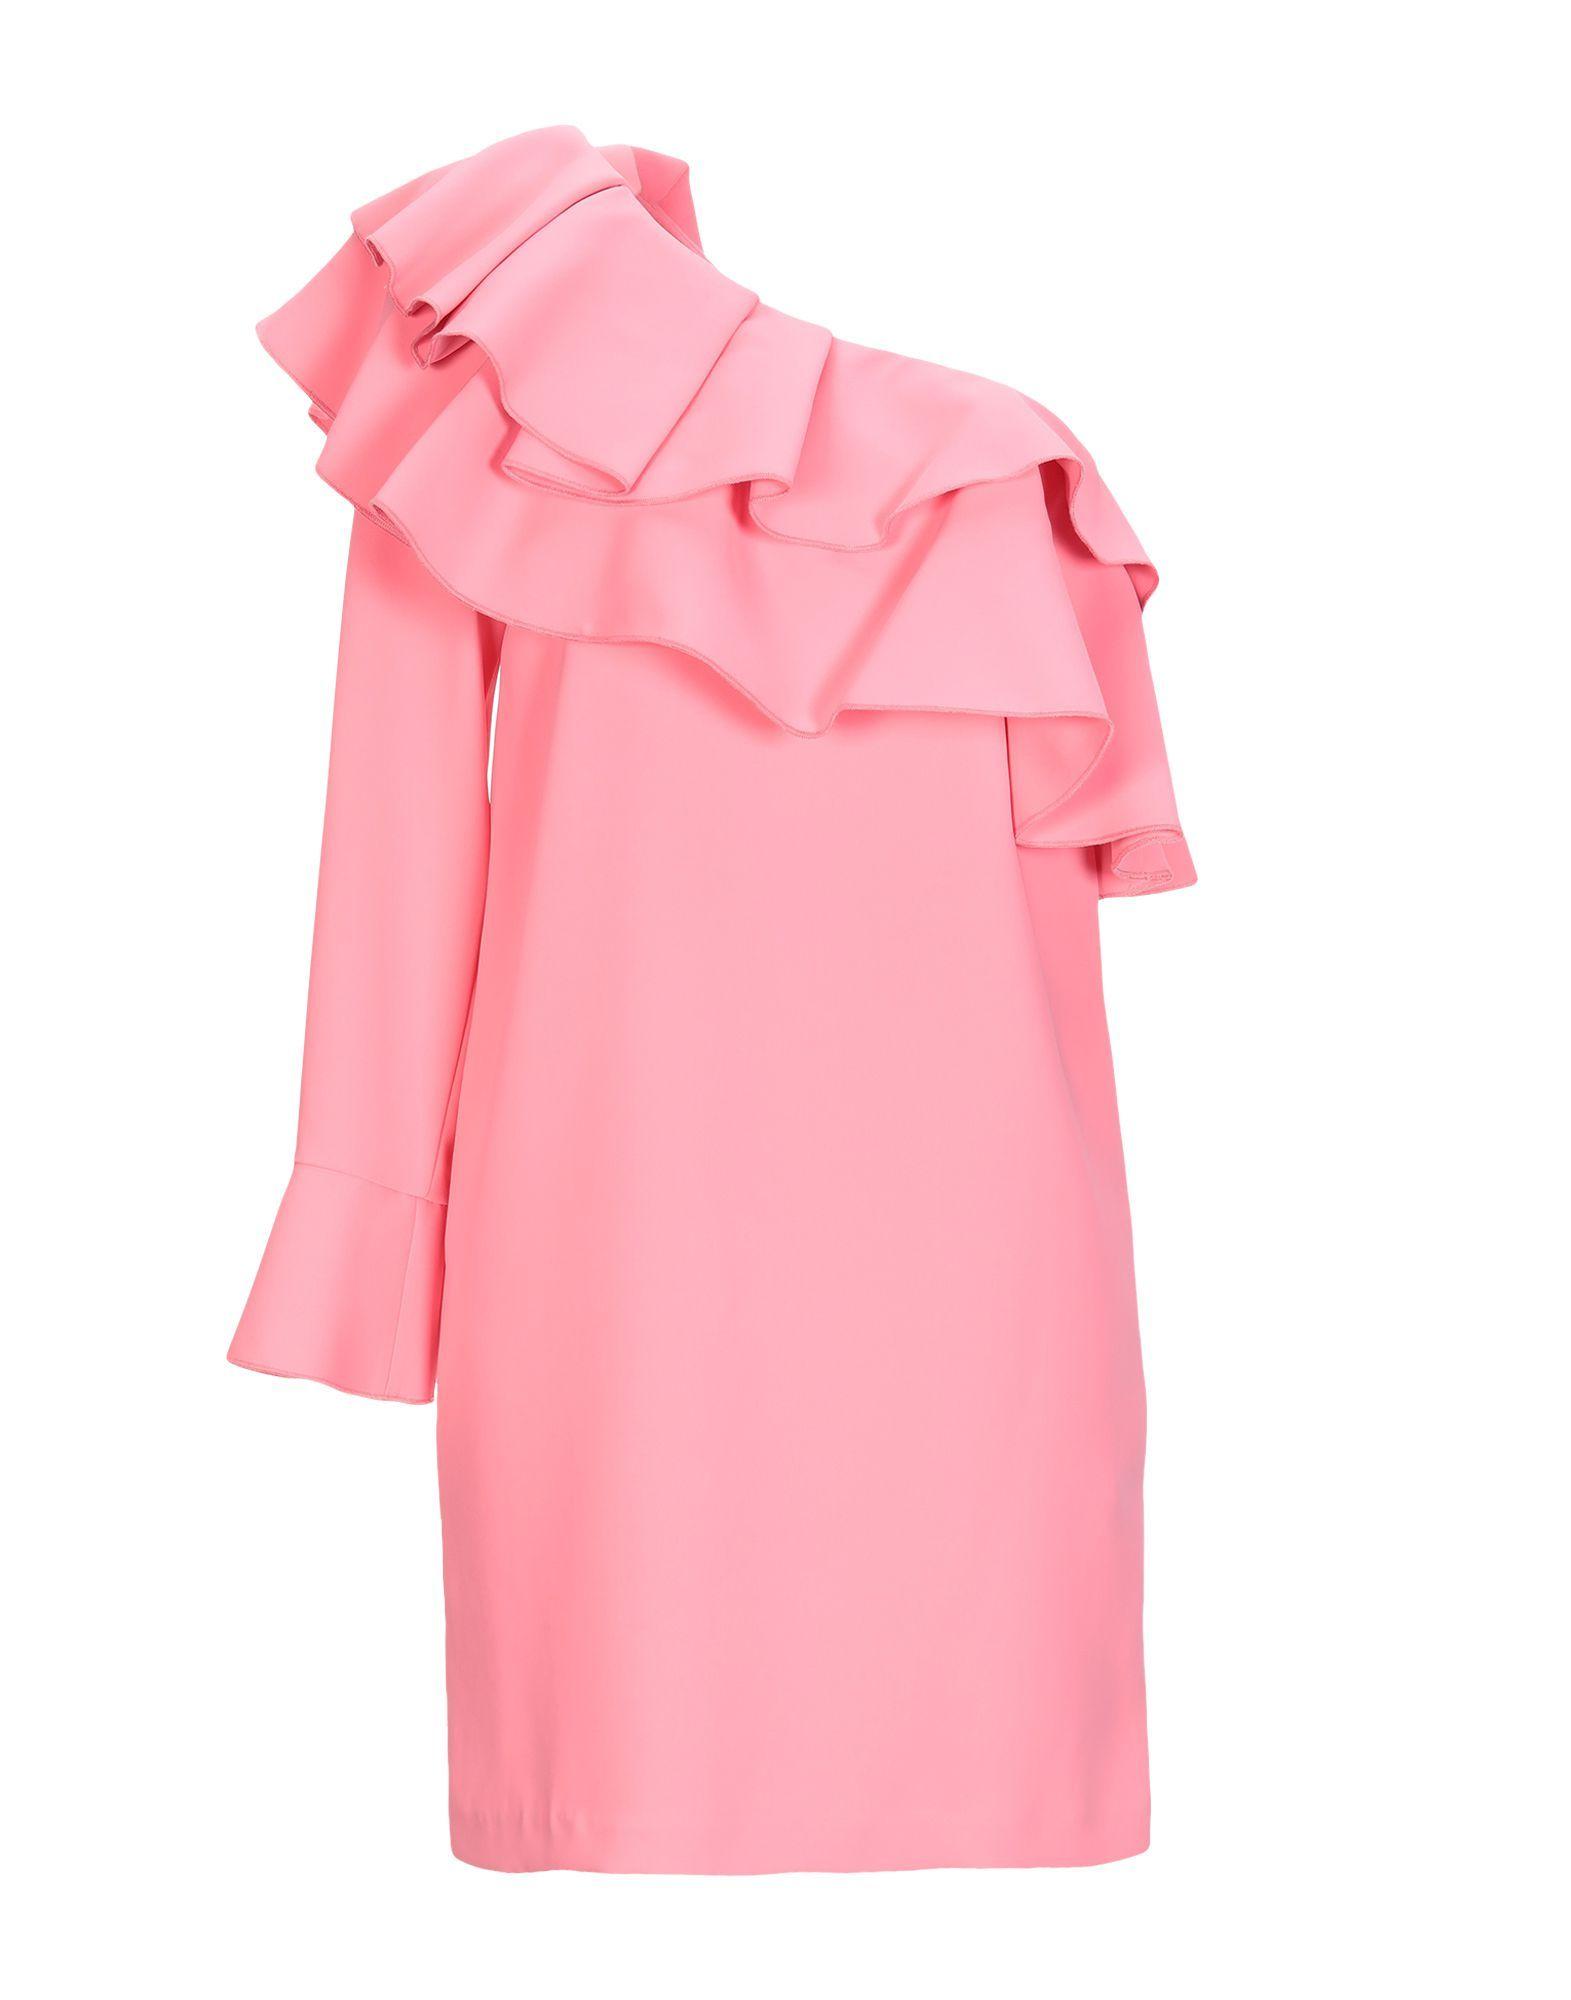 Ki6? Who Are You? Pink Ruffle Asymmetrical Dress